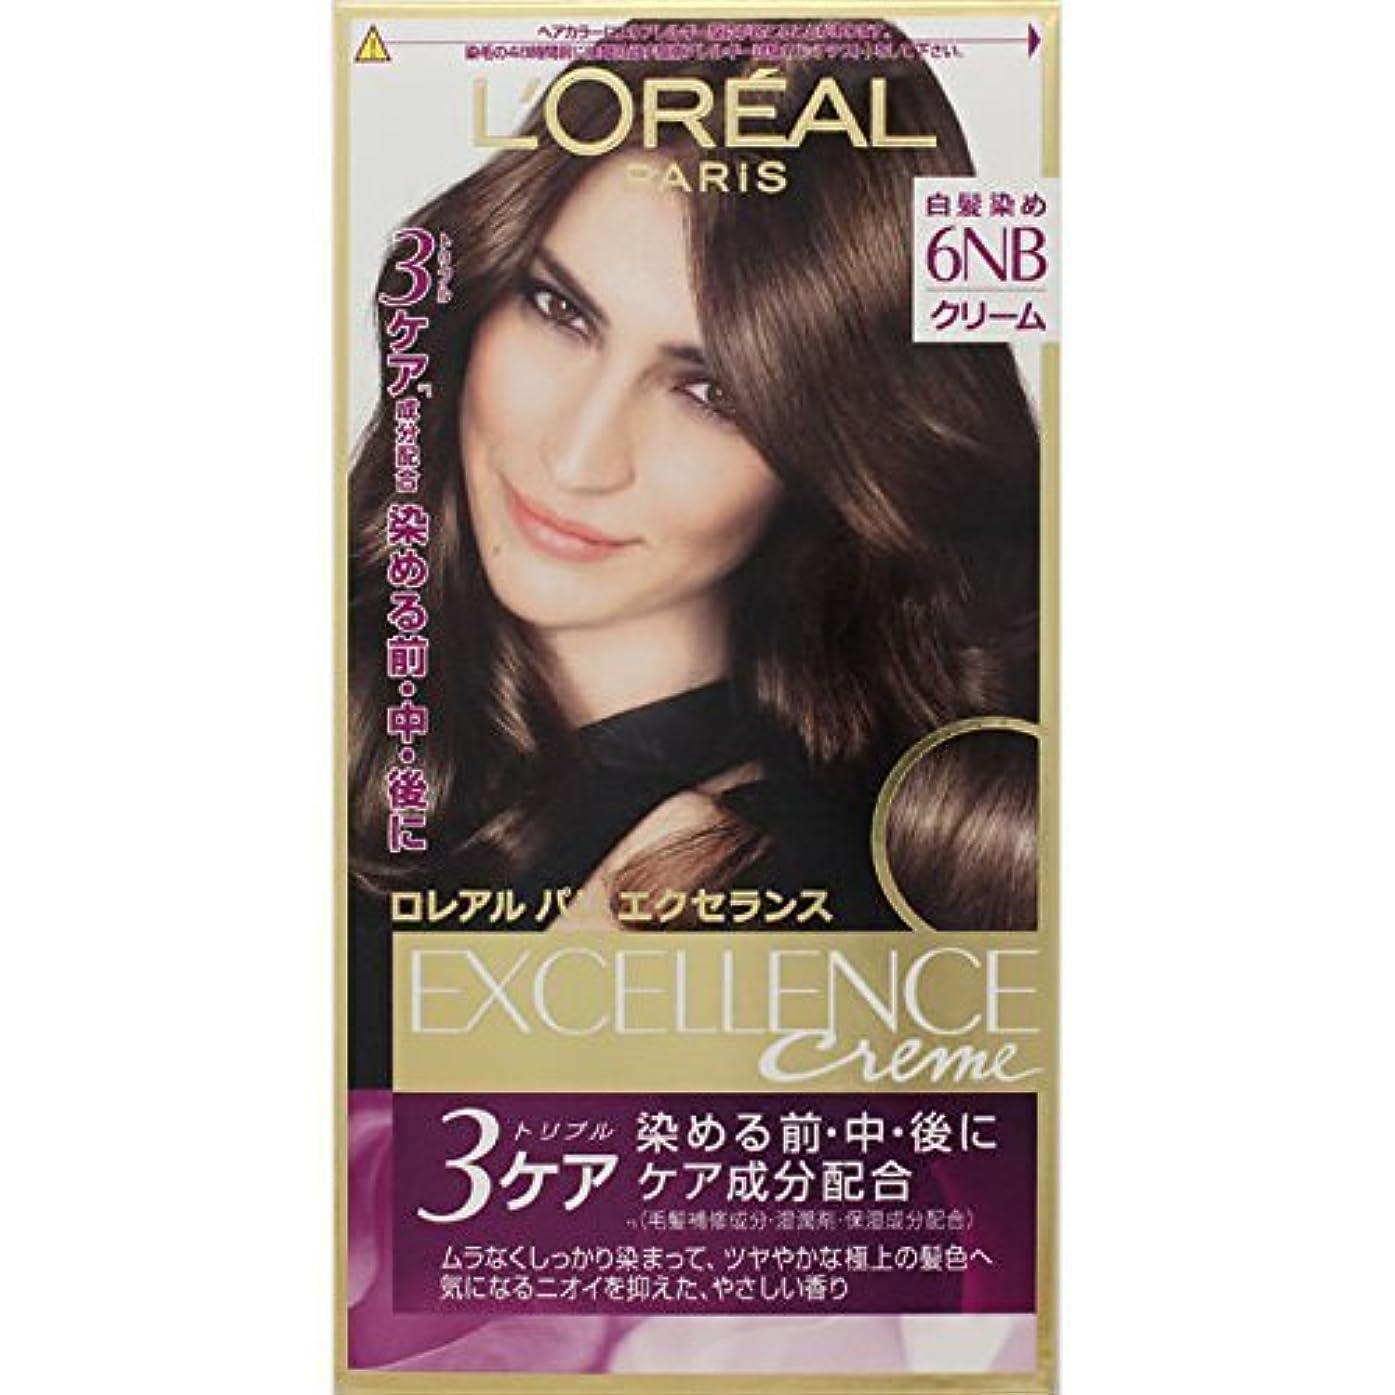 パドル注文驚いたことにロレアル パリ ヘアカラー 白髪染め エクセランス N クリームタイプ 6NB やや明るい自然な栗色